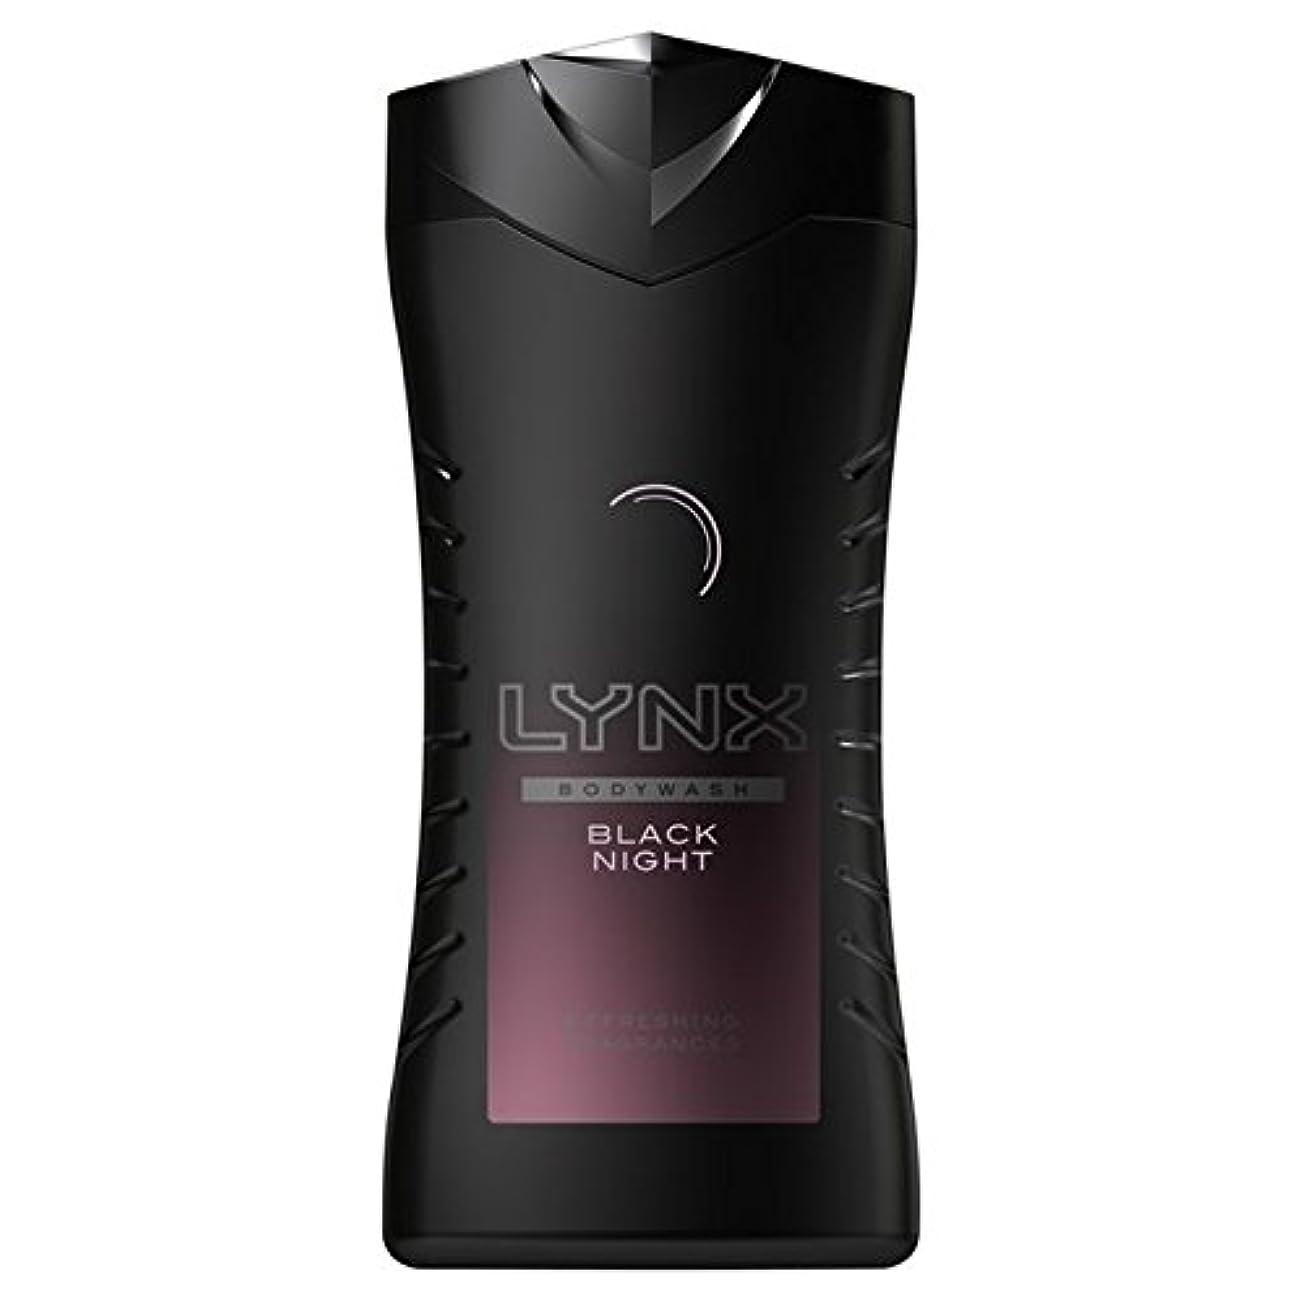 に脳助手オオヤマネコ黒夜シャワージェル250ミリリットル x2 - Lynx Black Night Shower Gel 250ml (Pack of 2) [並行輸入品]